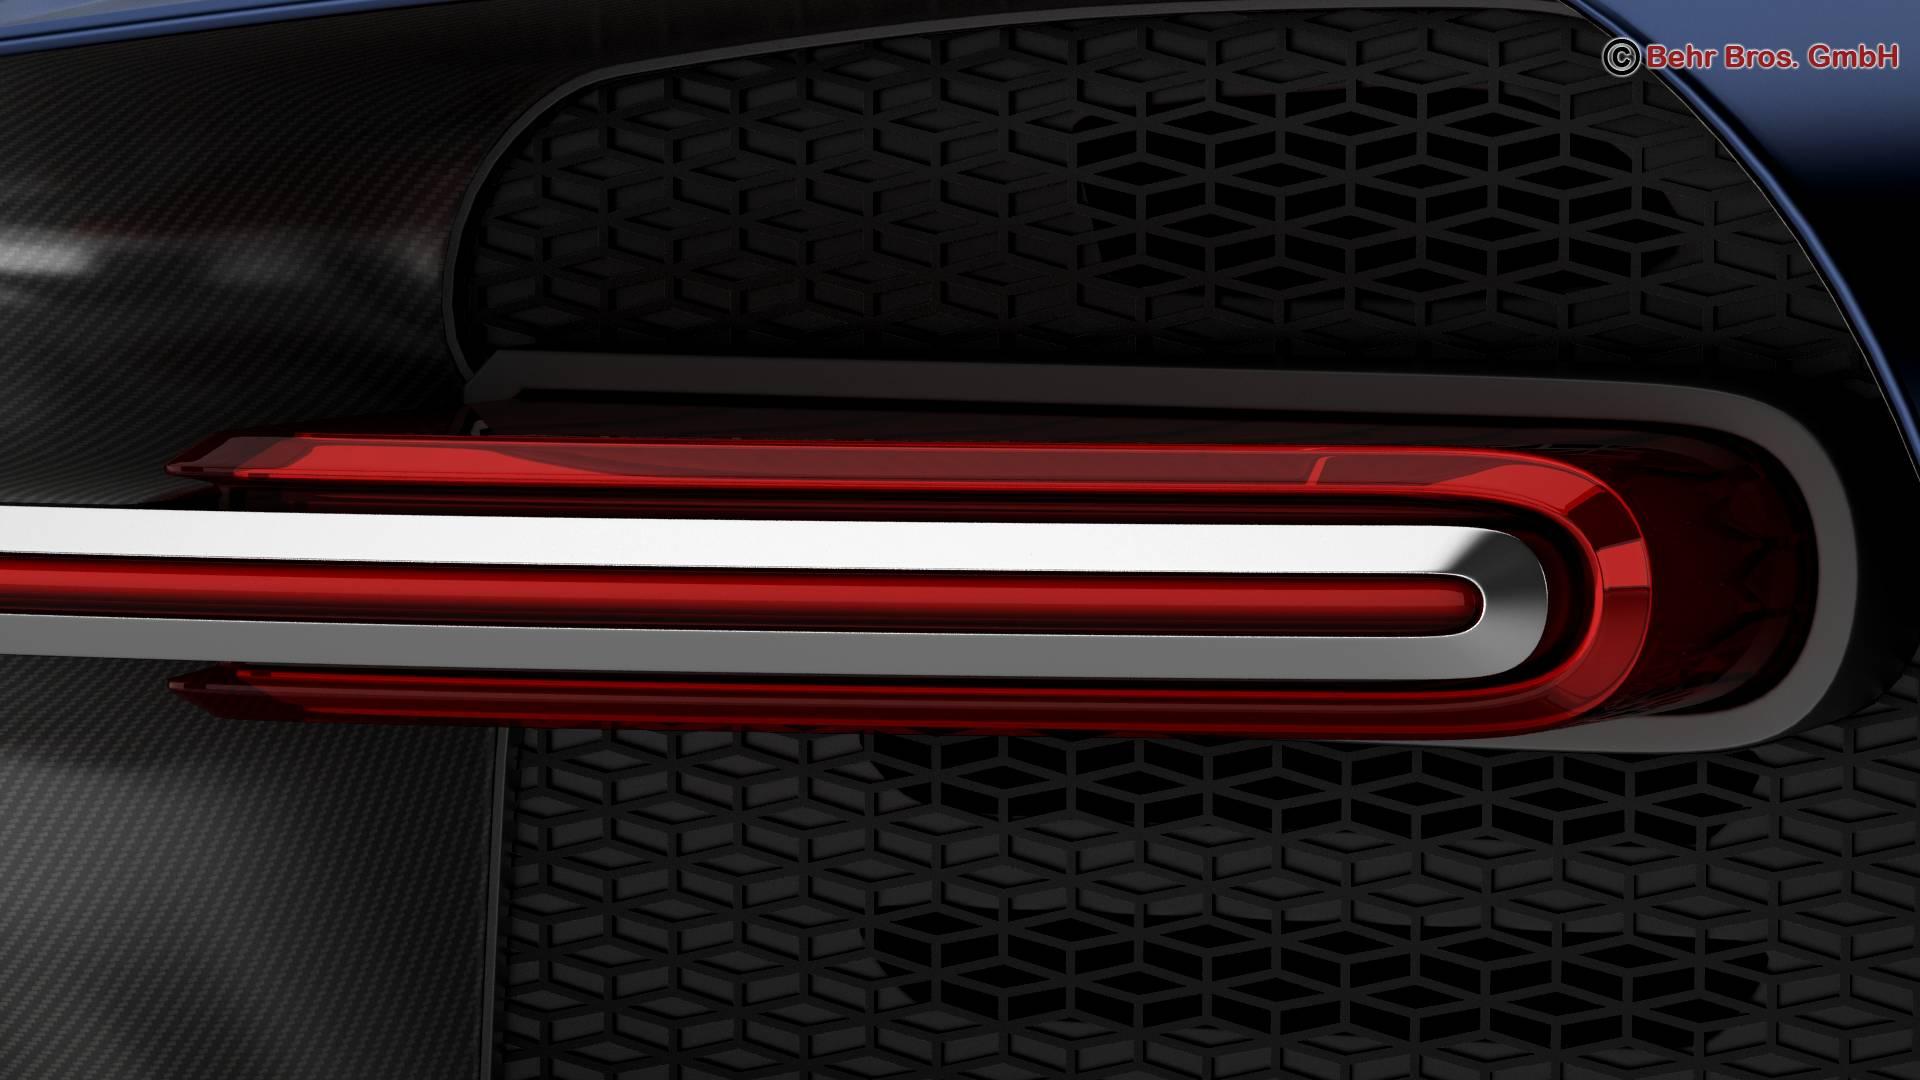 bugatti chiron 2017 3d model 3ds max fbx c4d lwo ma mb obj 222116